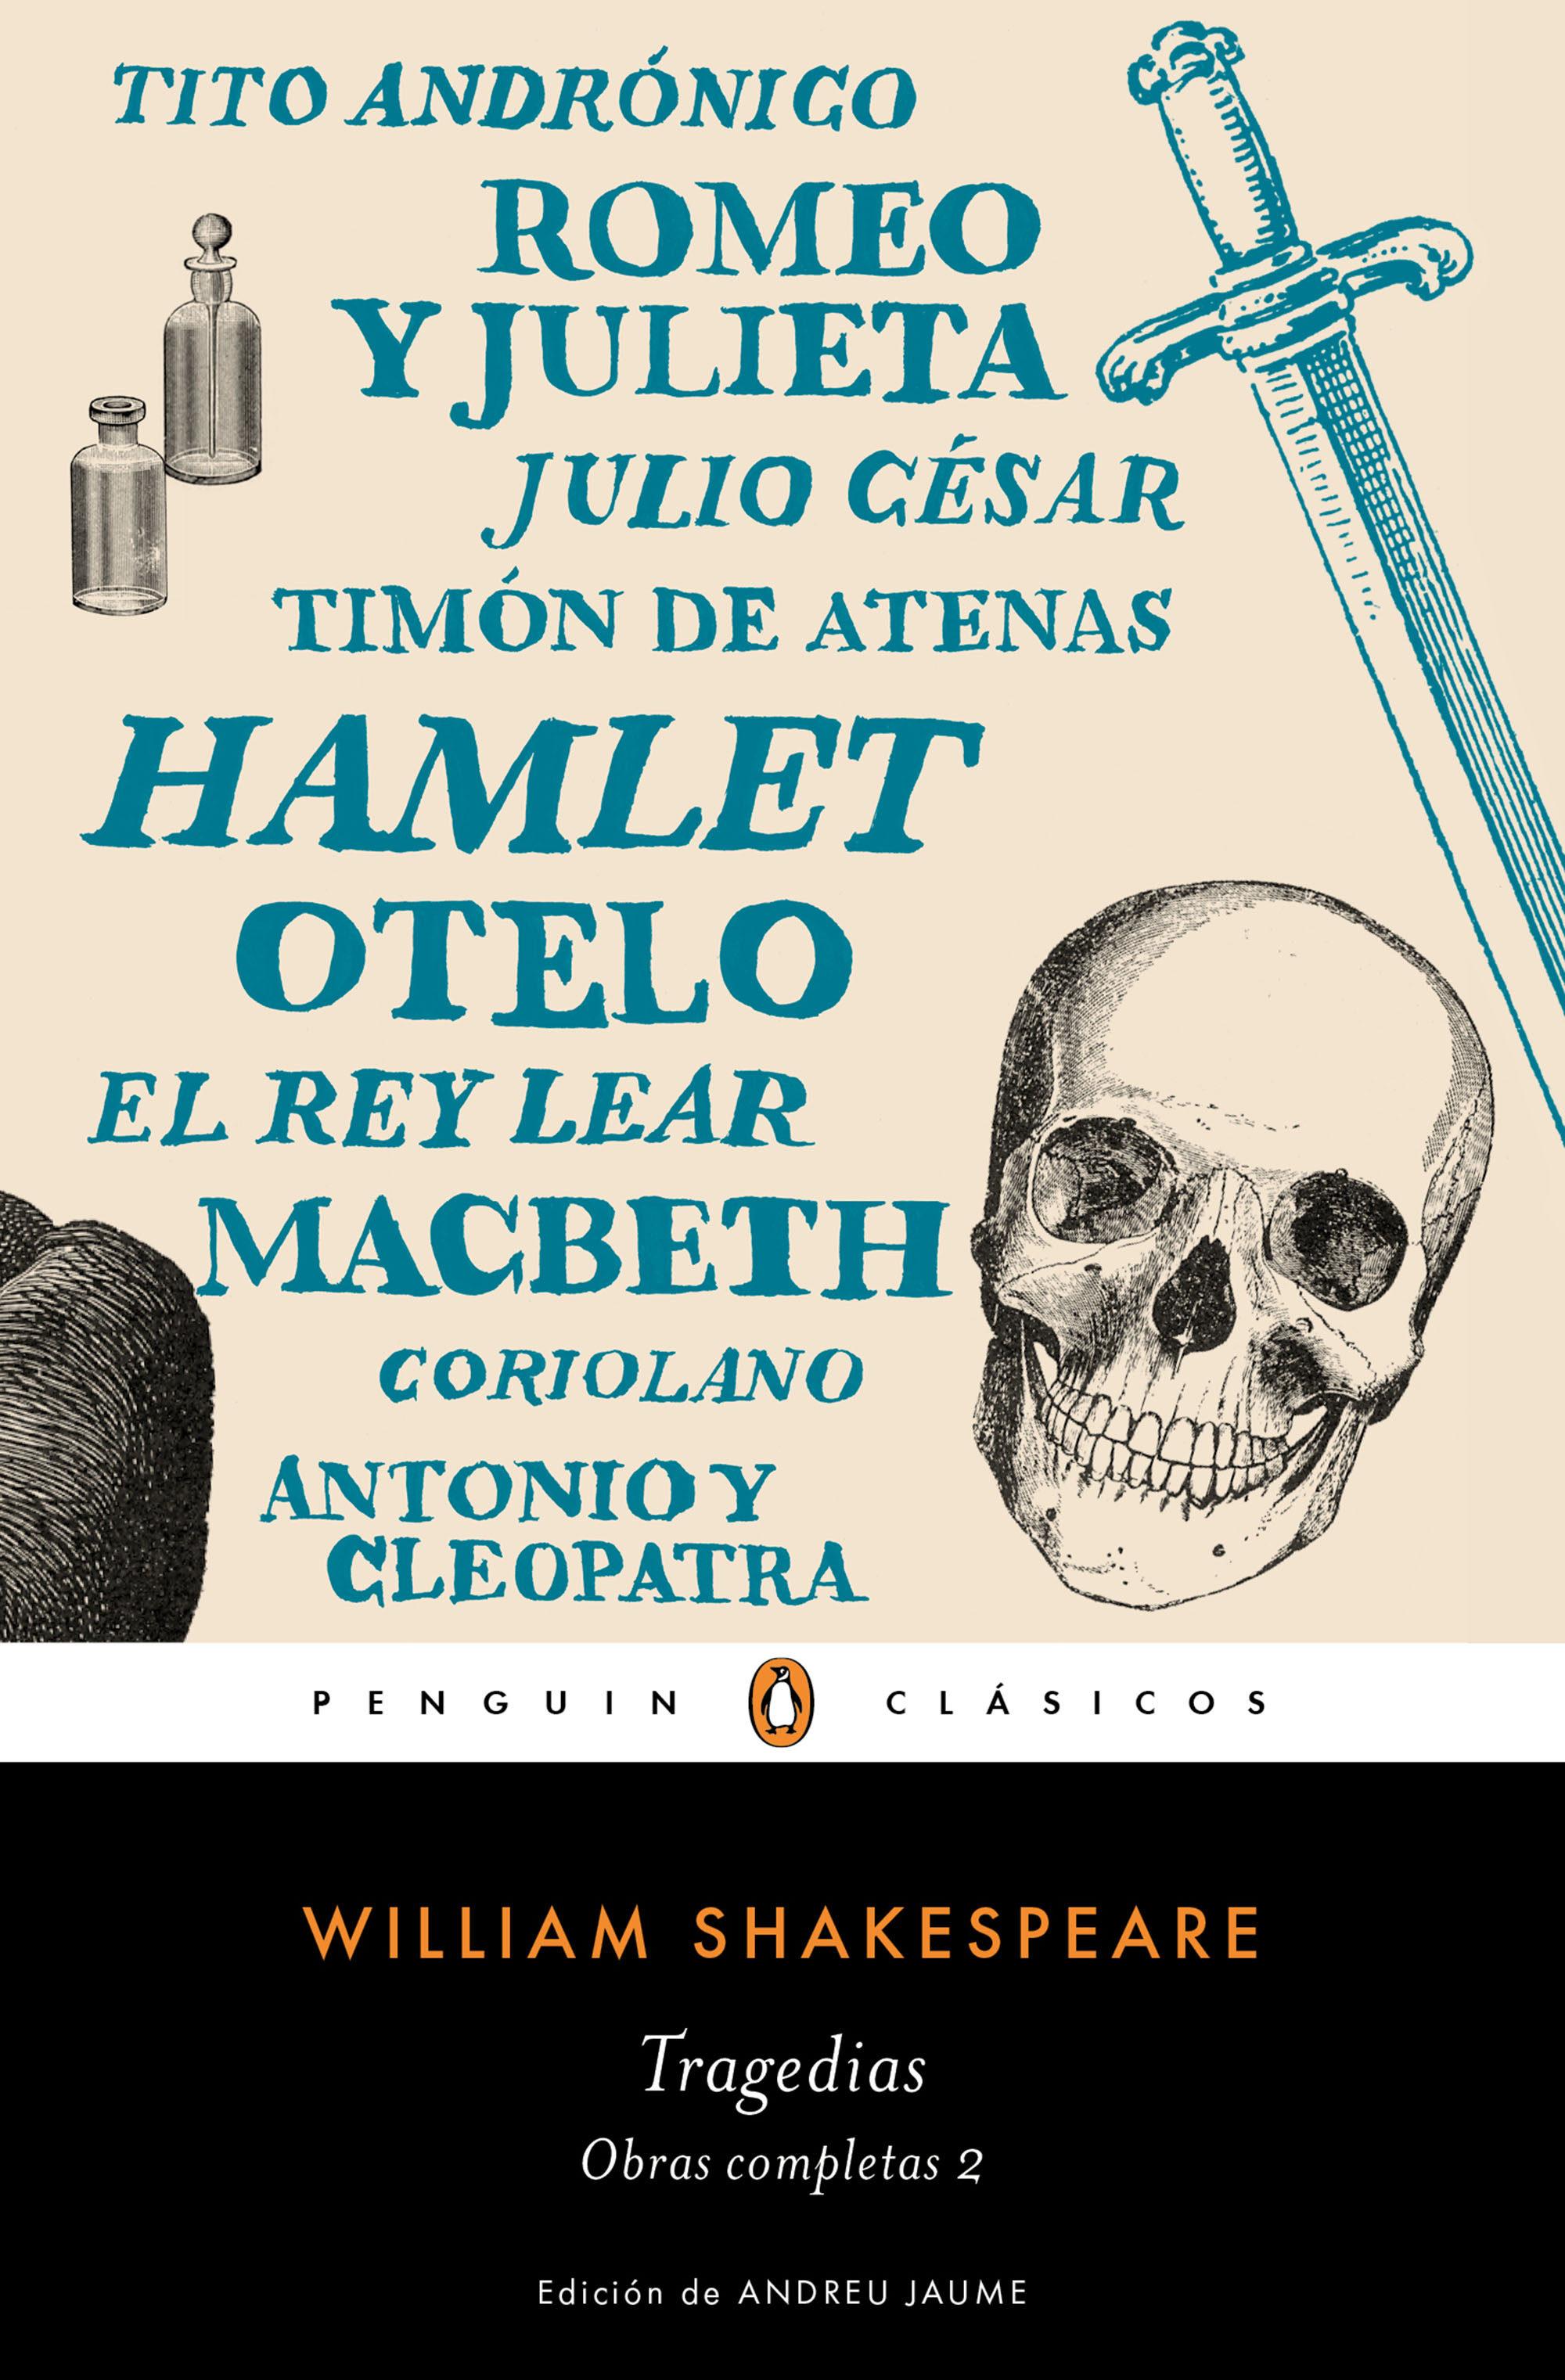 El rey lear ebook el rey lear spanish edition loading zoom array tragedias obra completa shakespeare 2 ebook william shakespeare rh casadellibro com fandeluxe Image collections